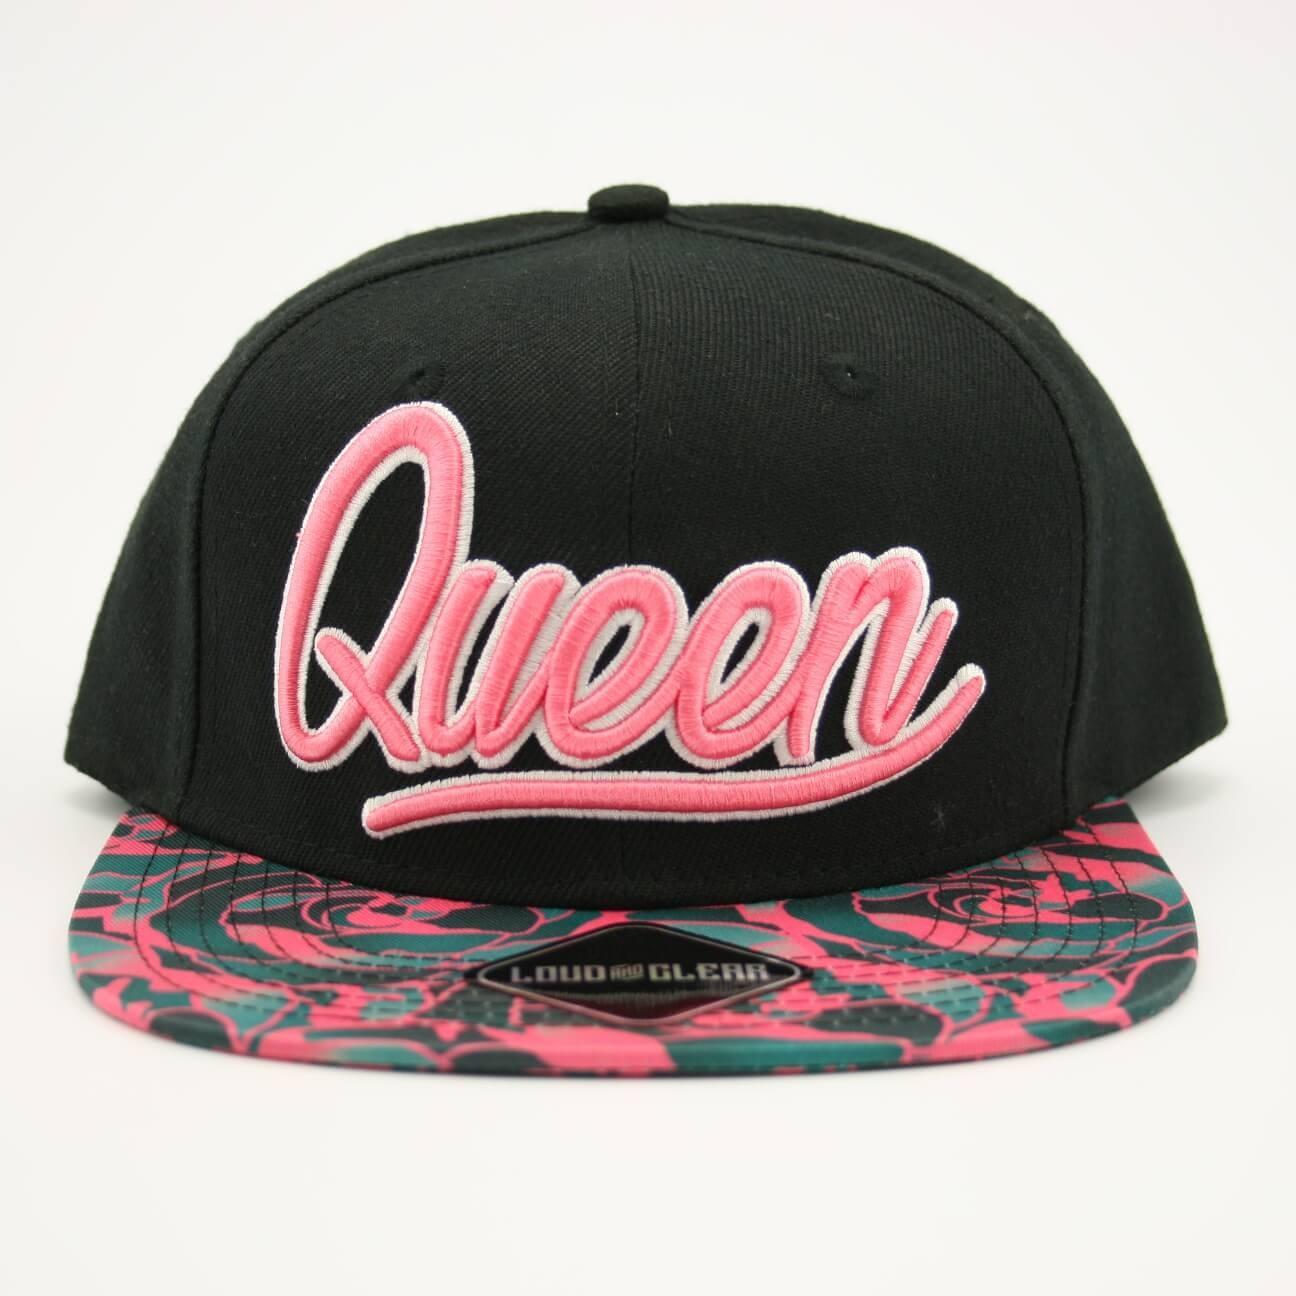 Queen cap front